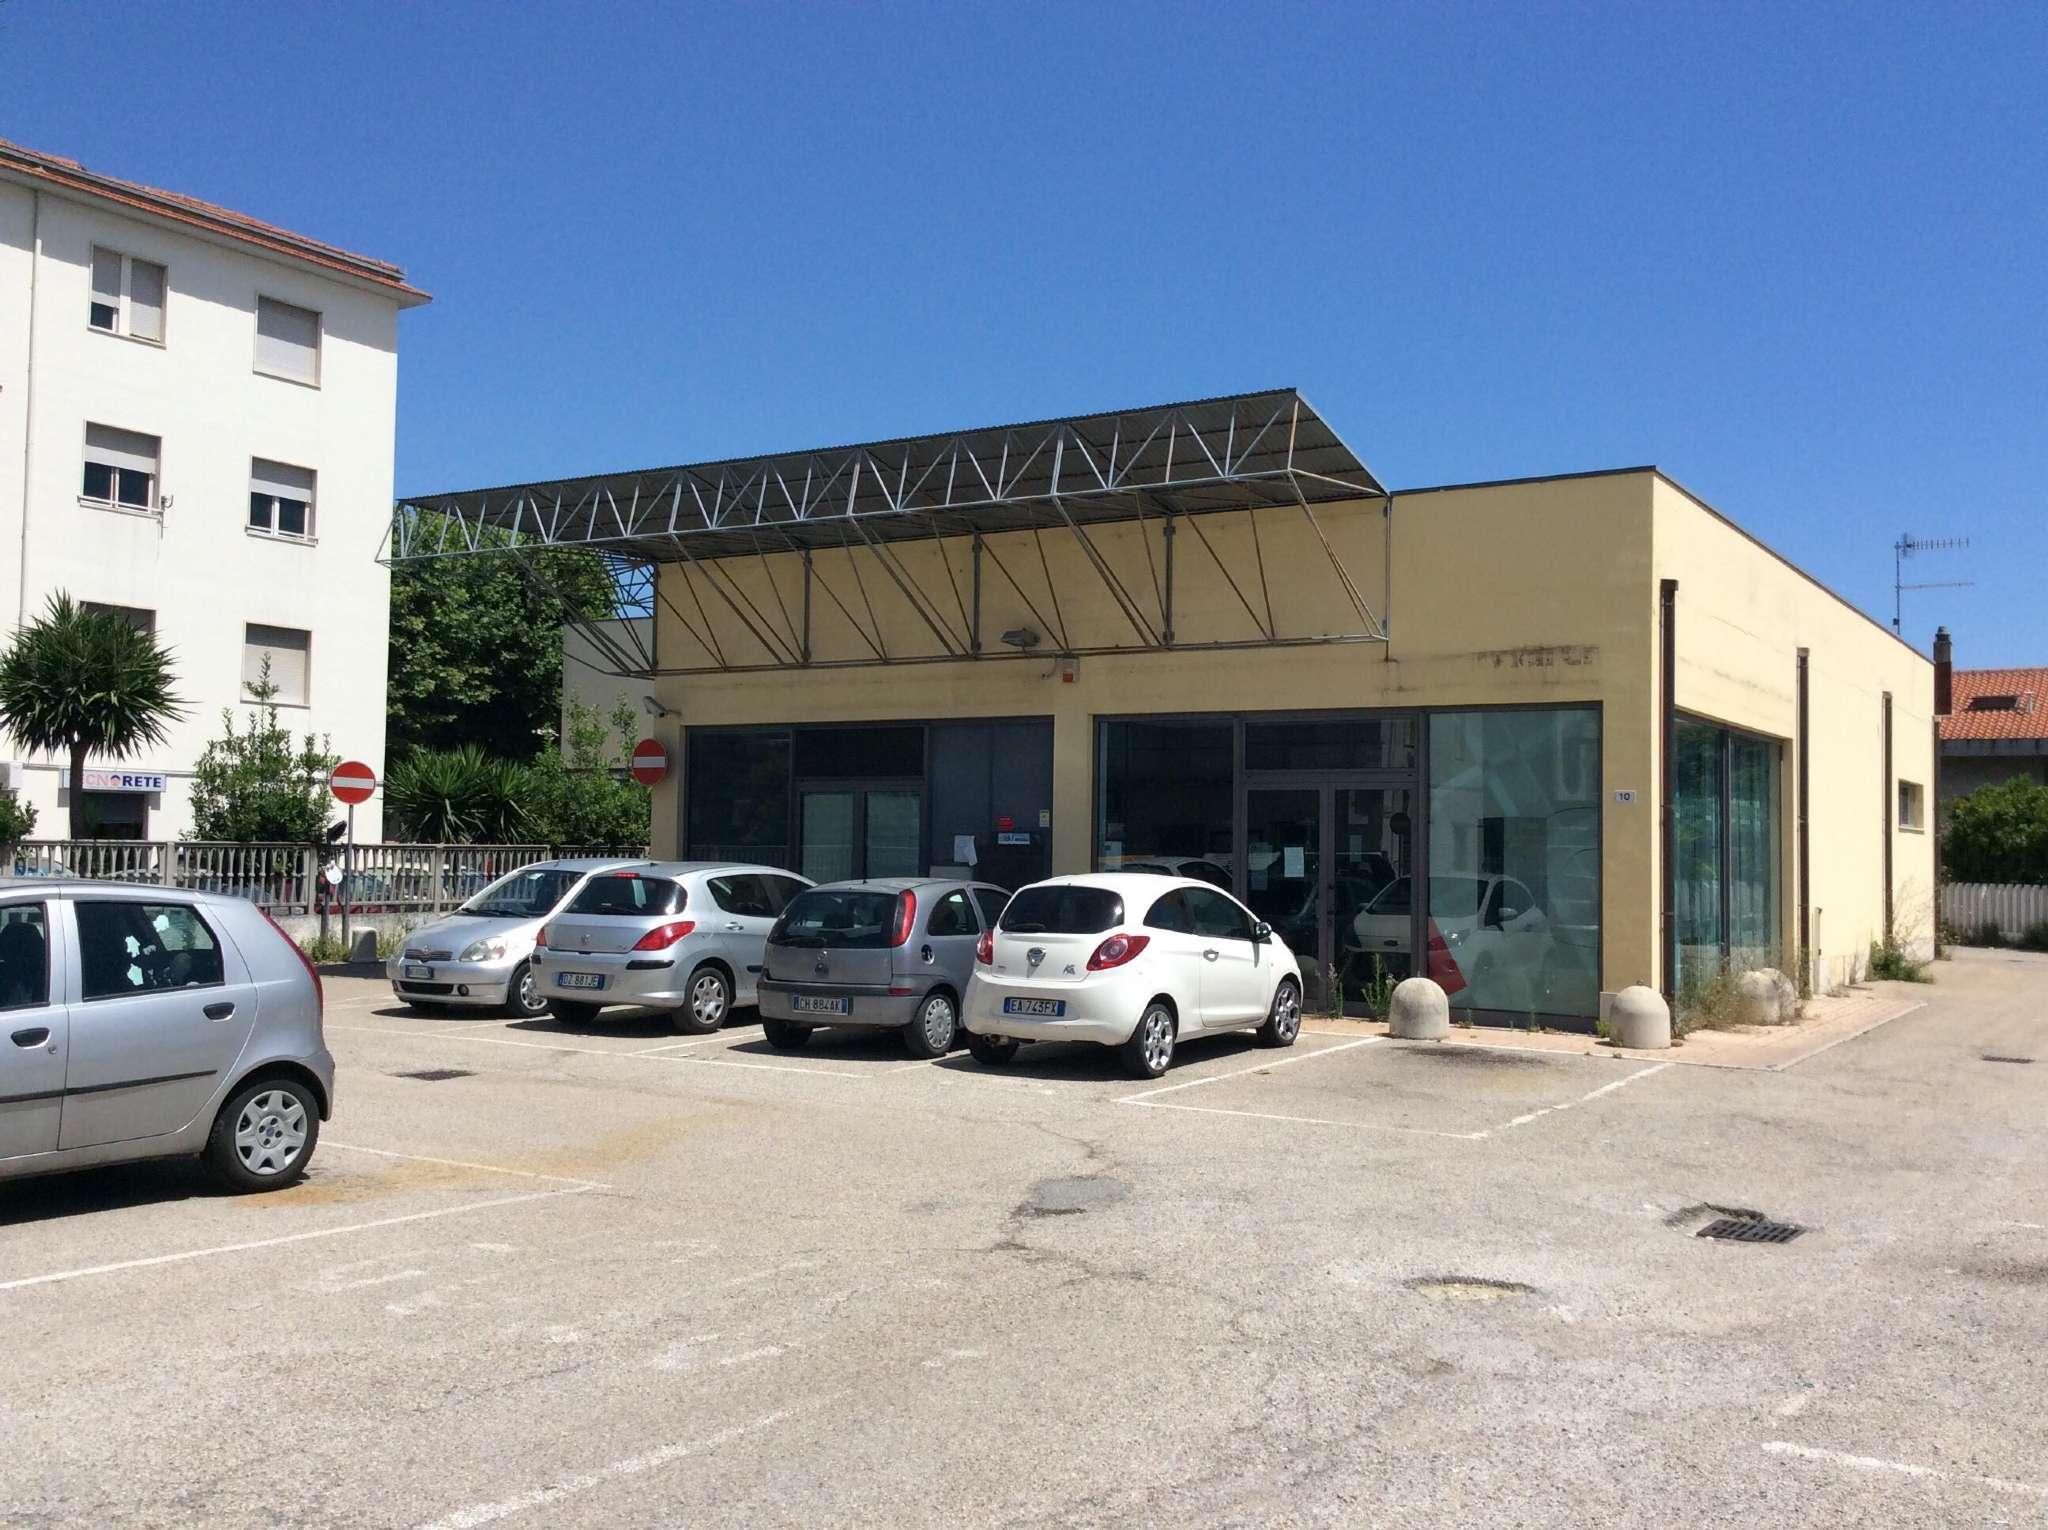 locale commerciale centro di Montesilvano , mq 300 circa . ex filiale banca